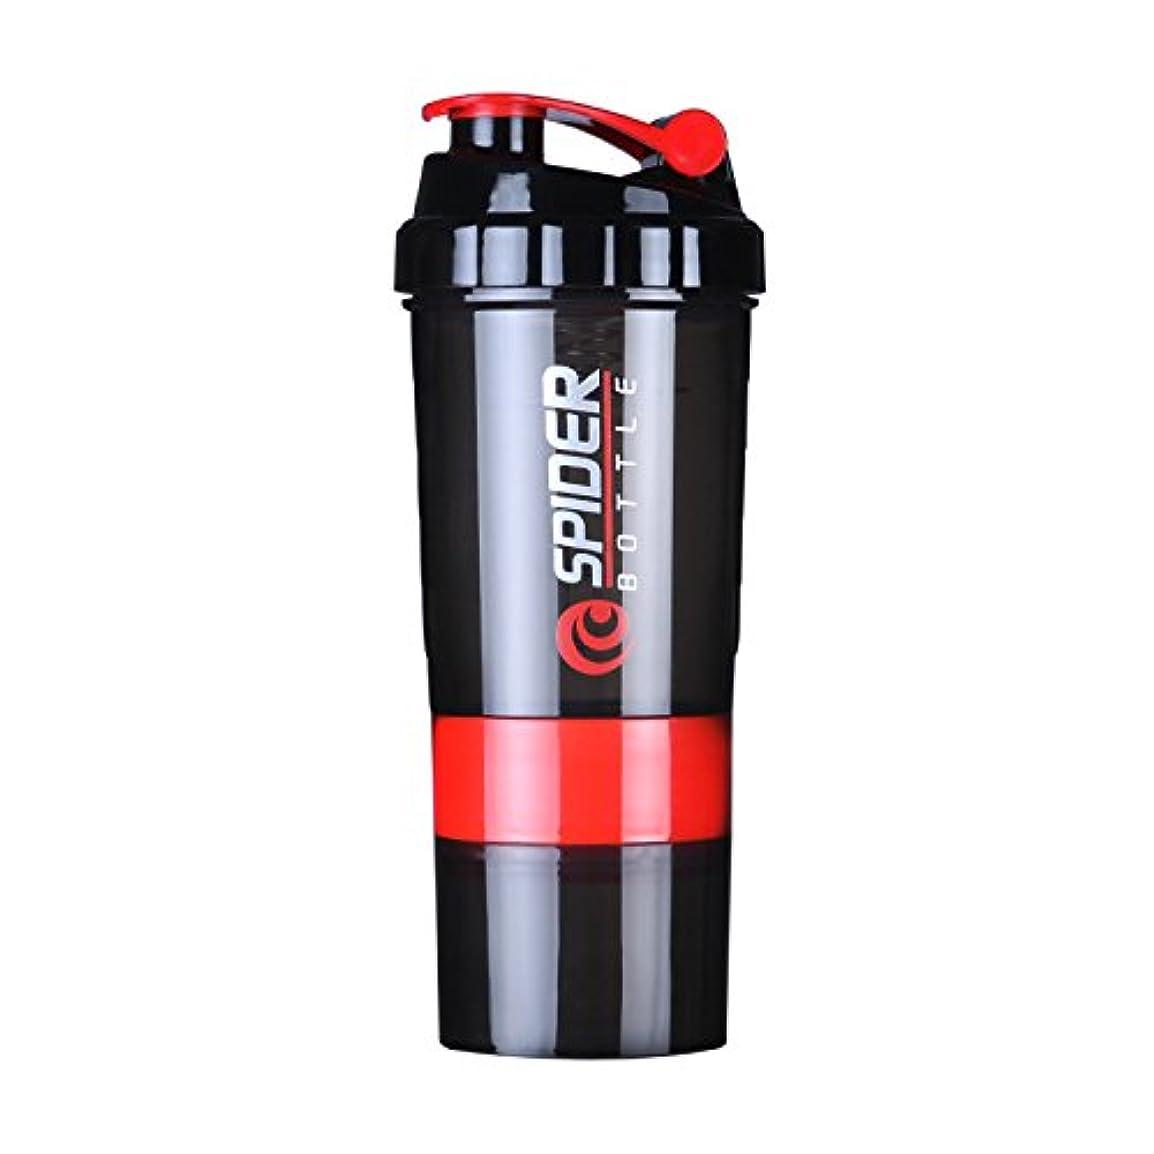 表面同化する細部Quner プロテインシェイカー ボトル スポーツボトル 水筒 600ml シェーカーボトル 目盛り 3層 プラスチック フィットネス ダイエット コンテナ付き サプリケース